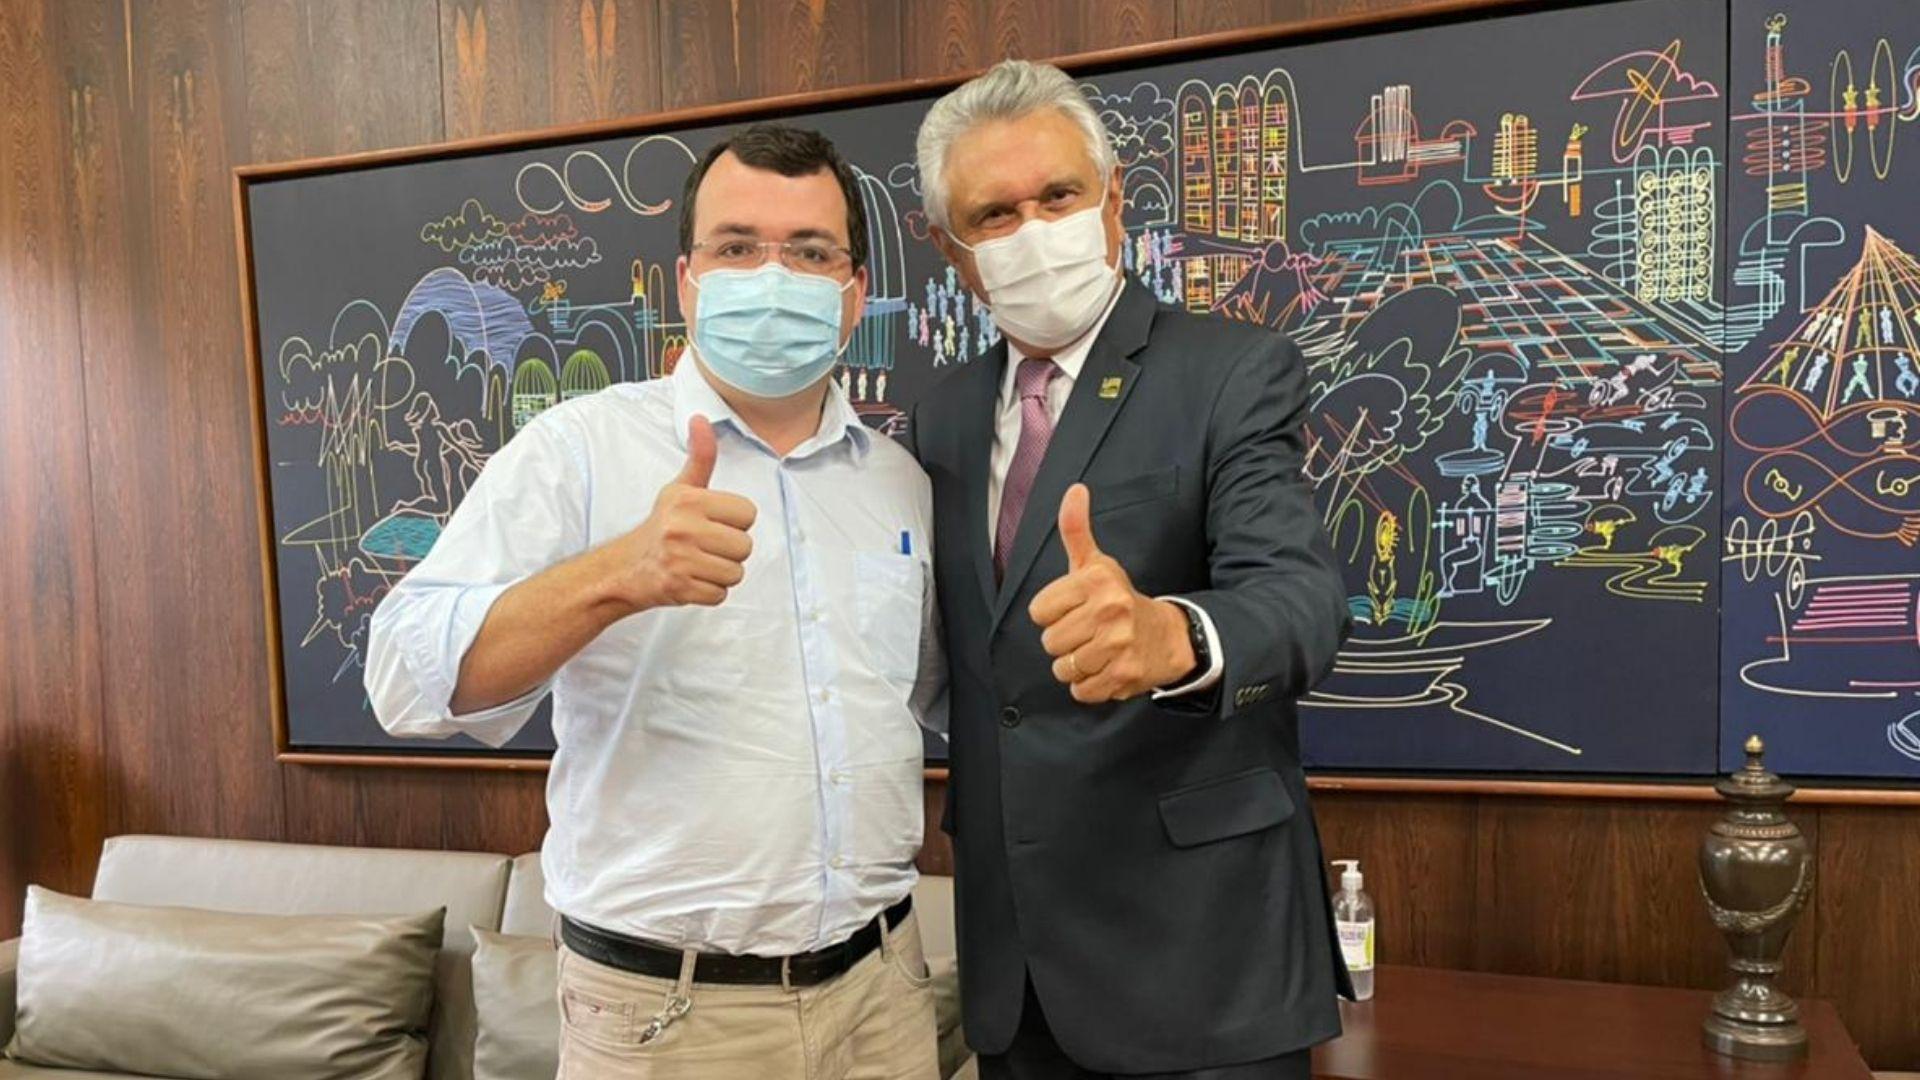 Candidato à presidência da AGM, Wilson Tavares também se encontra com Caiado